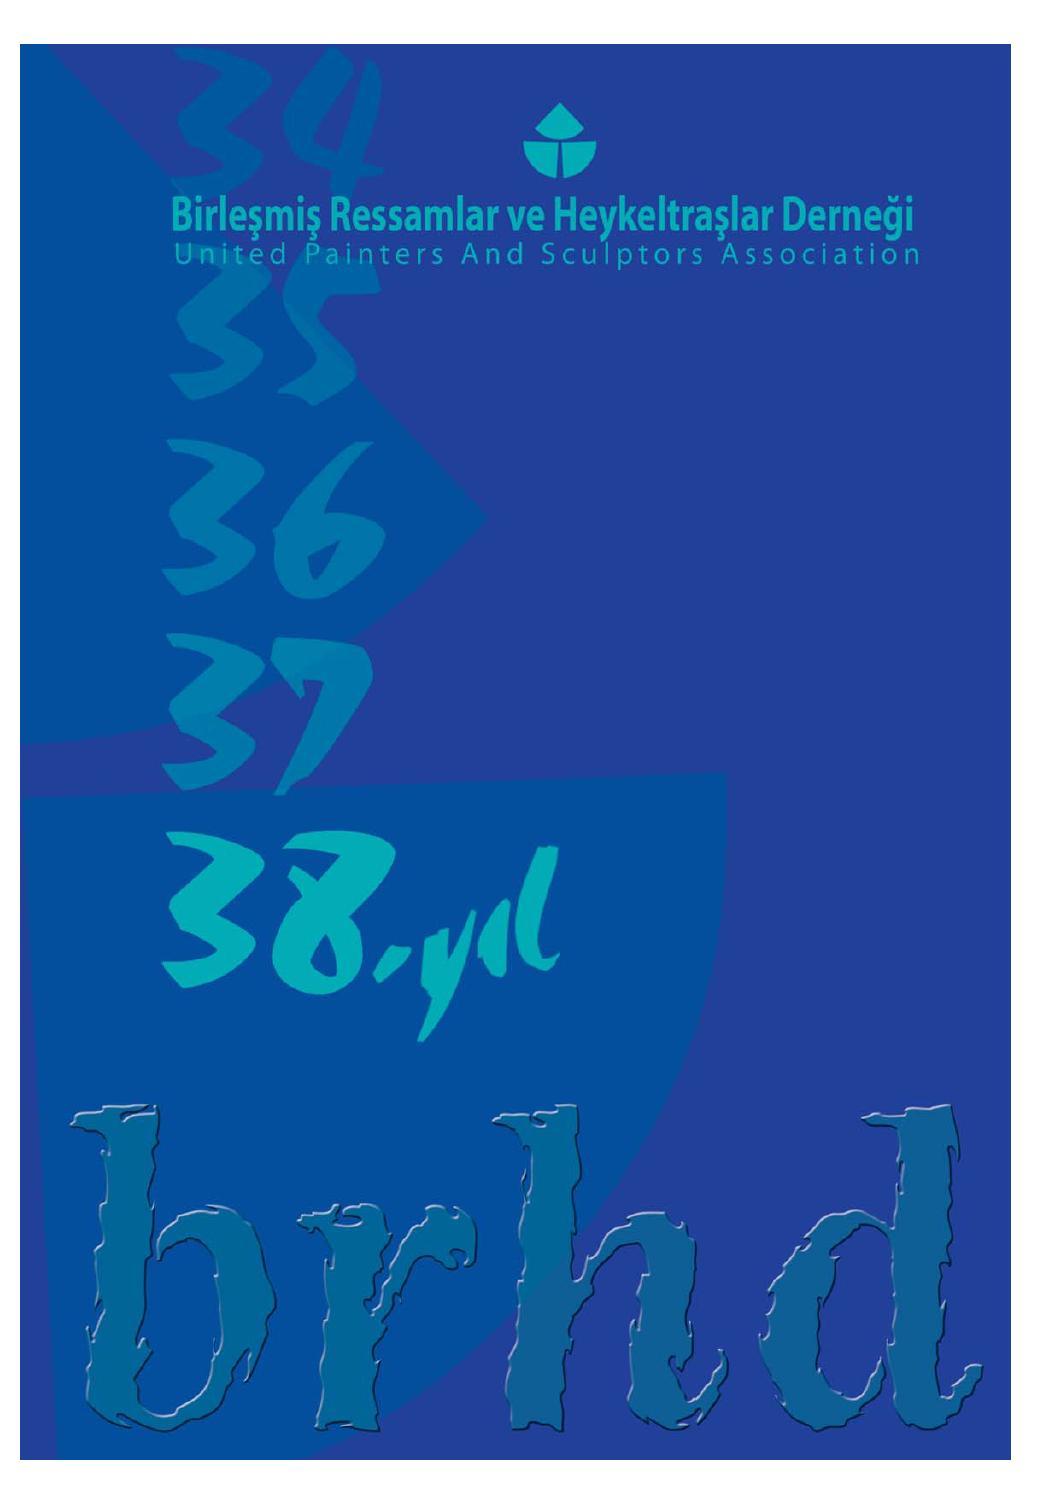 Brhd 38 Yil Katalogu By Brhd Sanat Issuu